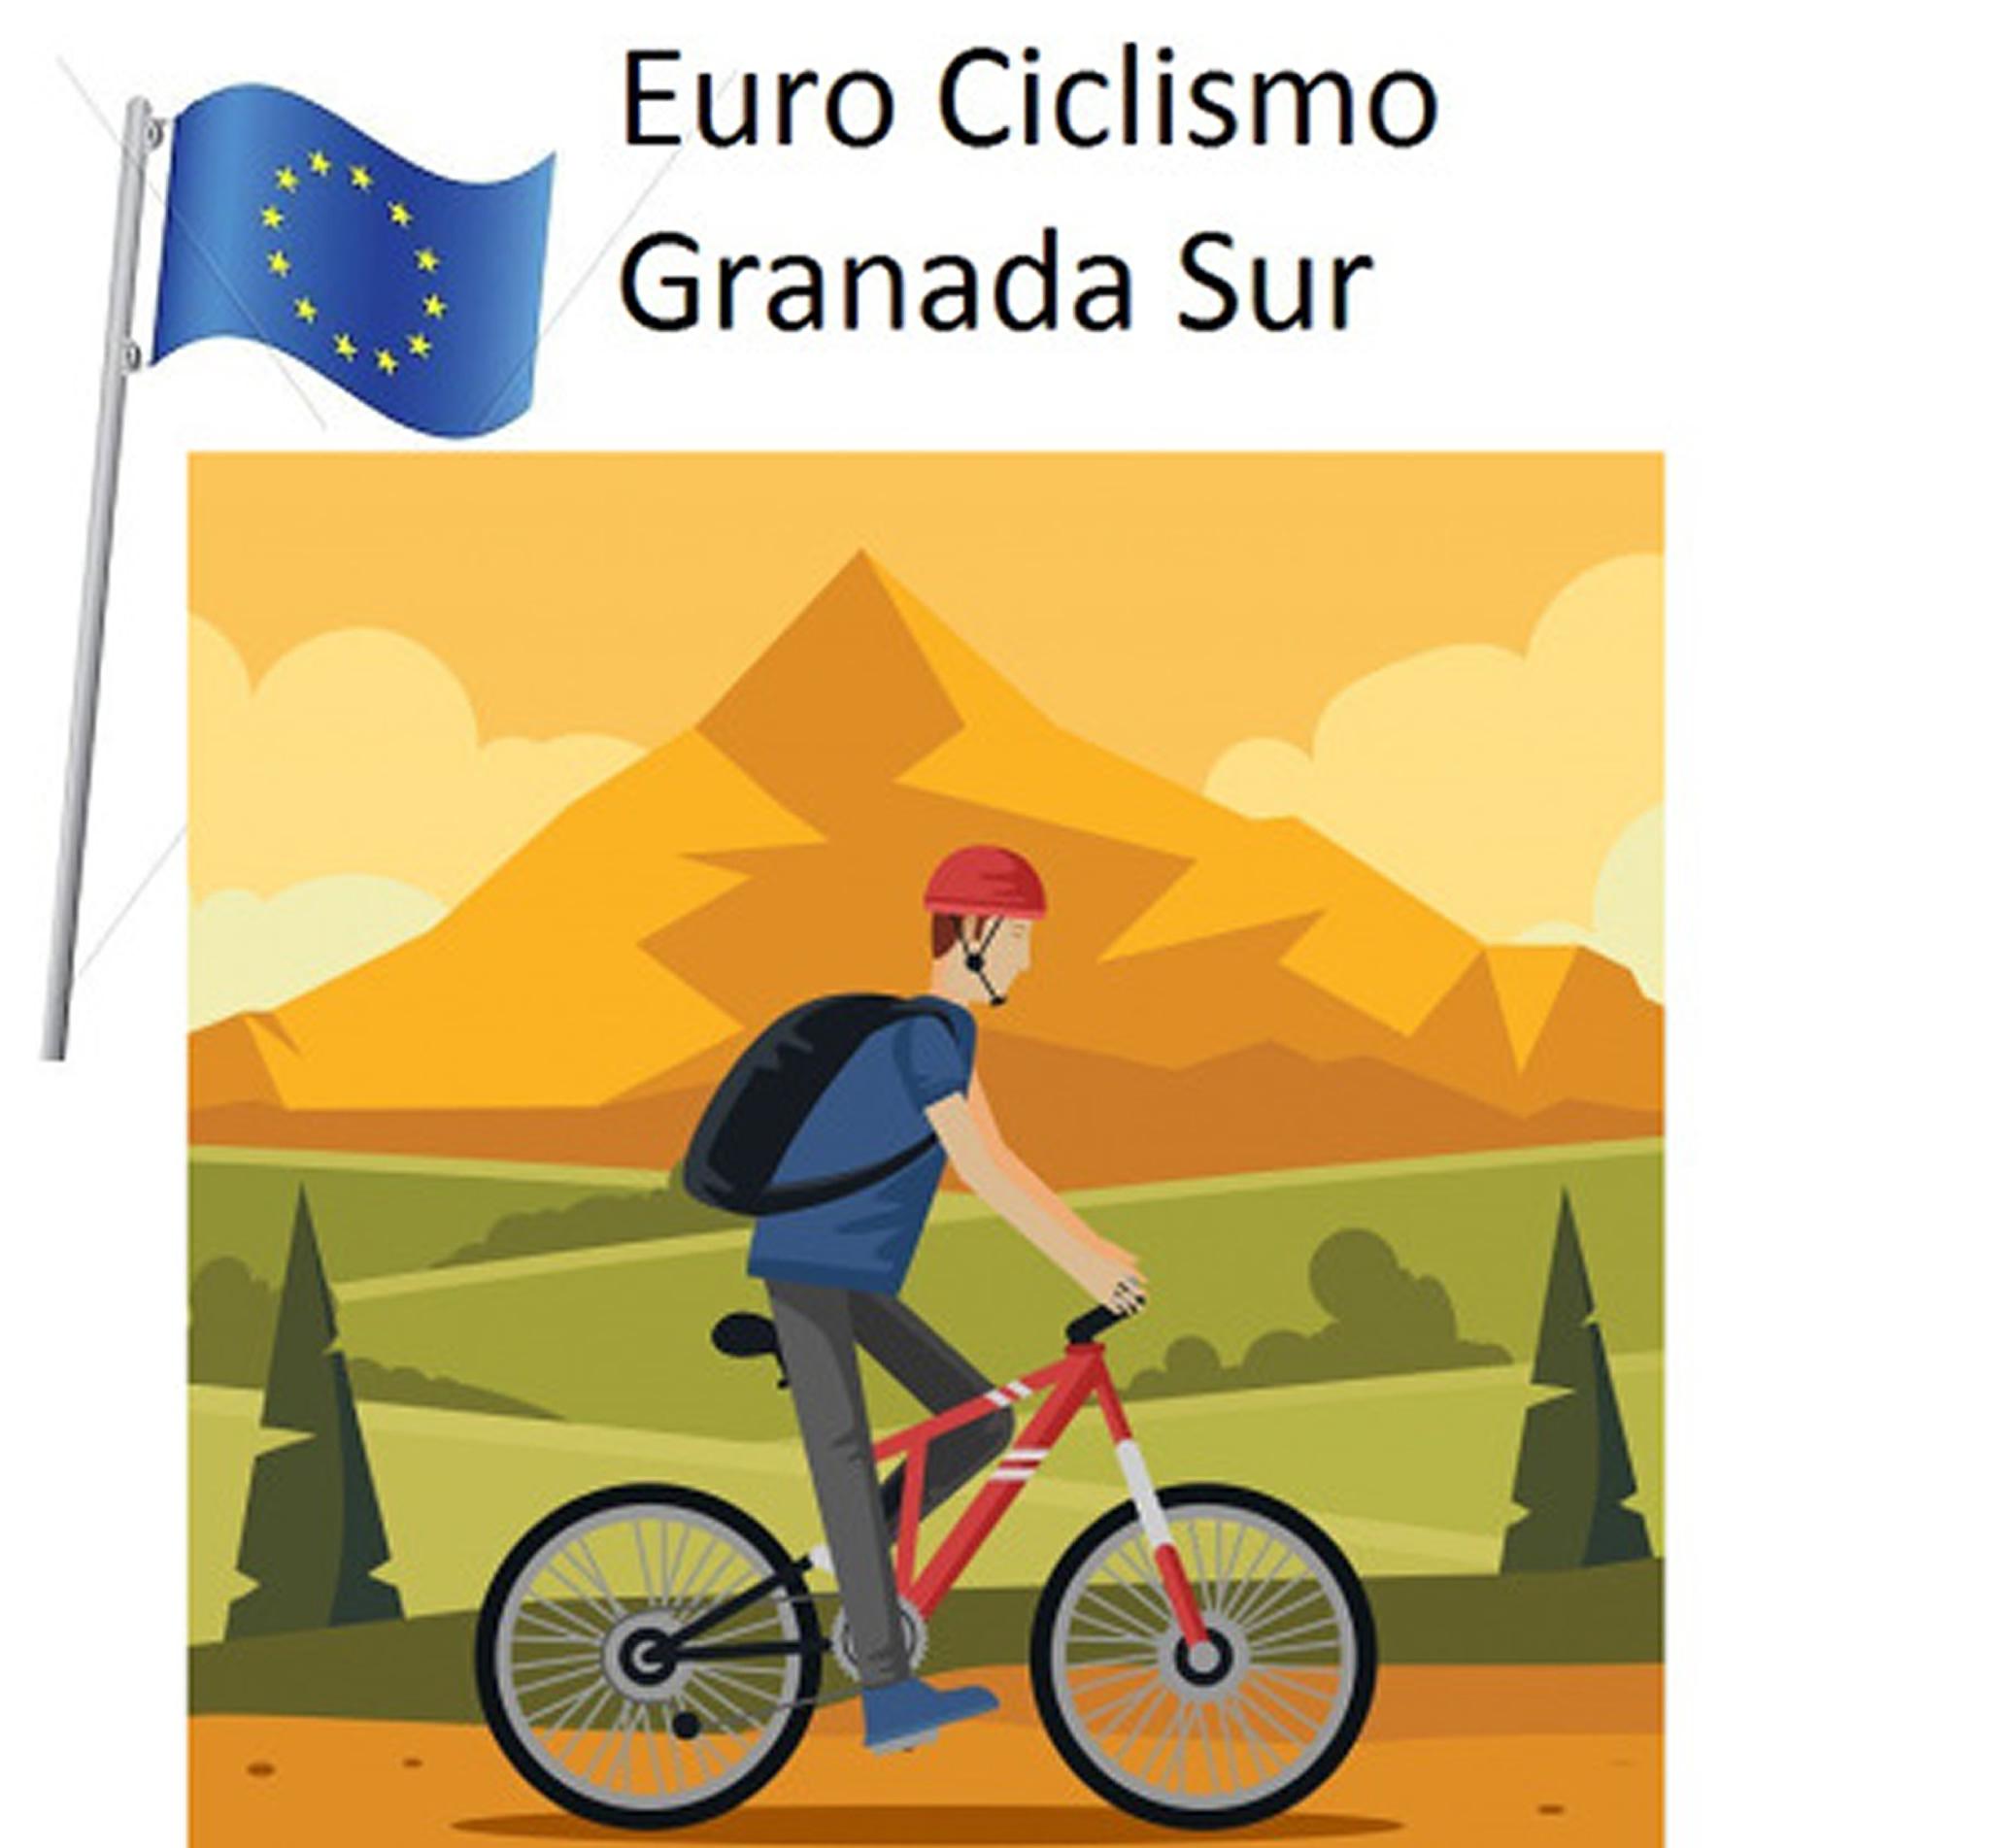 Euro Ciclismo Granada Sur Conocer y disfrutar de nuestro entorno con la bici.